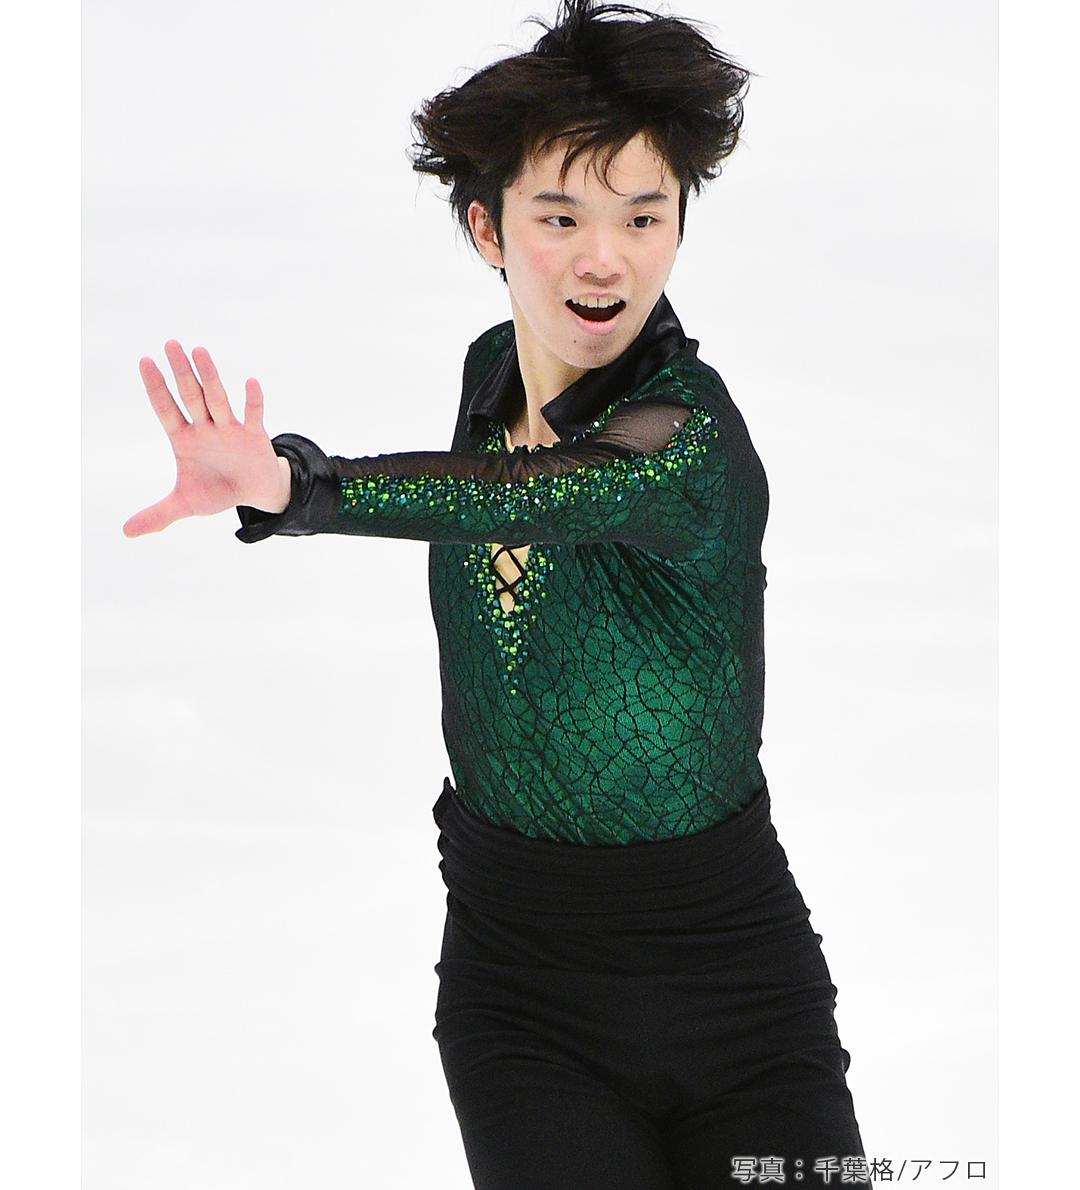 世界中から氷上のイケメンが集結! フィギュアスケート男子フォトギャラリー_1_26